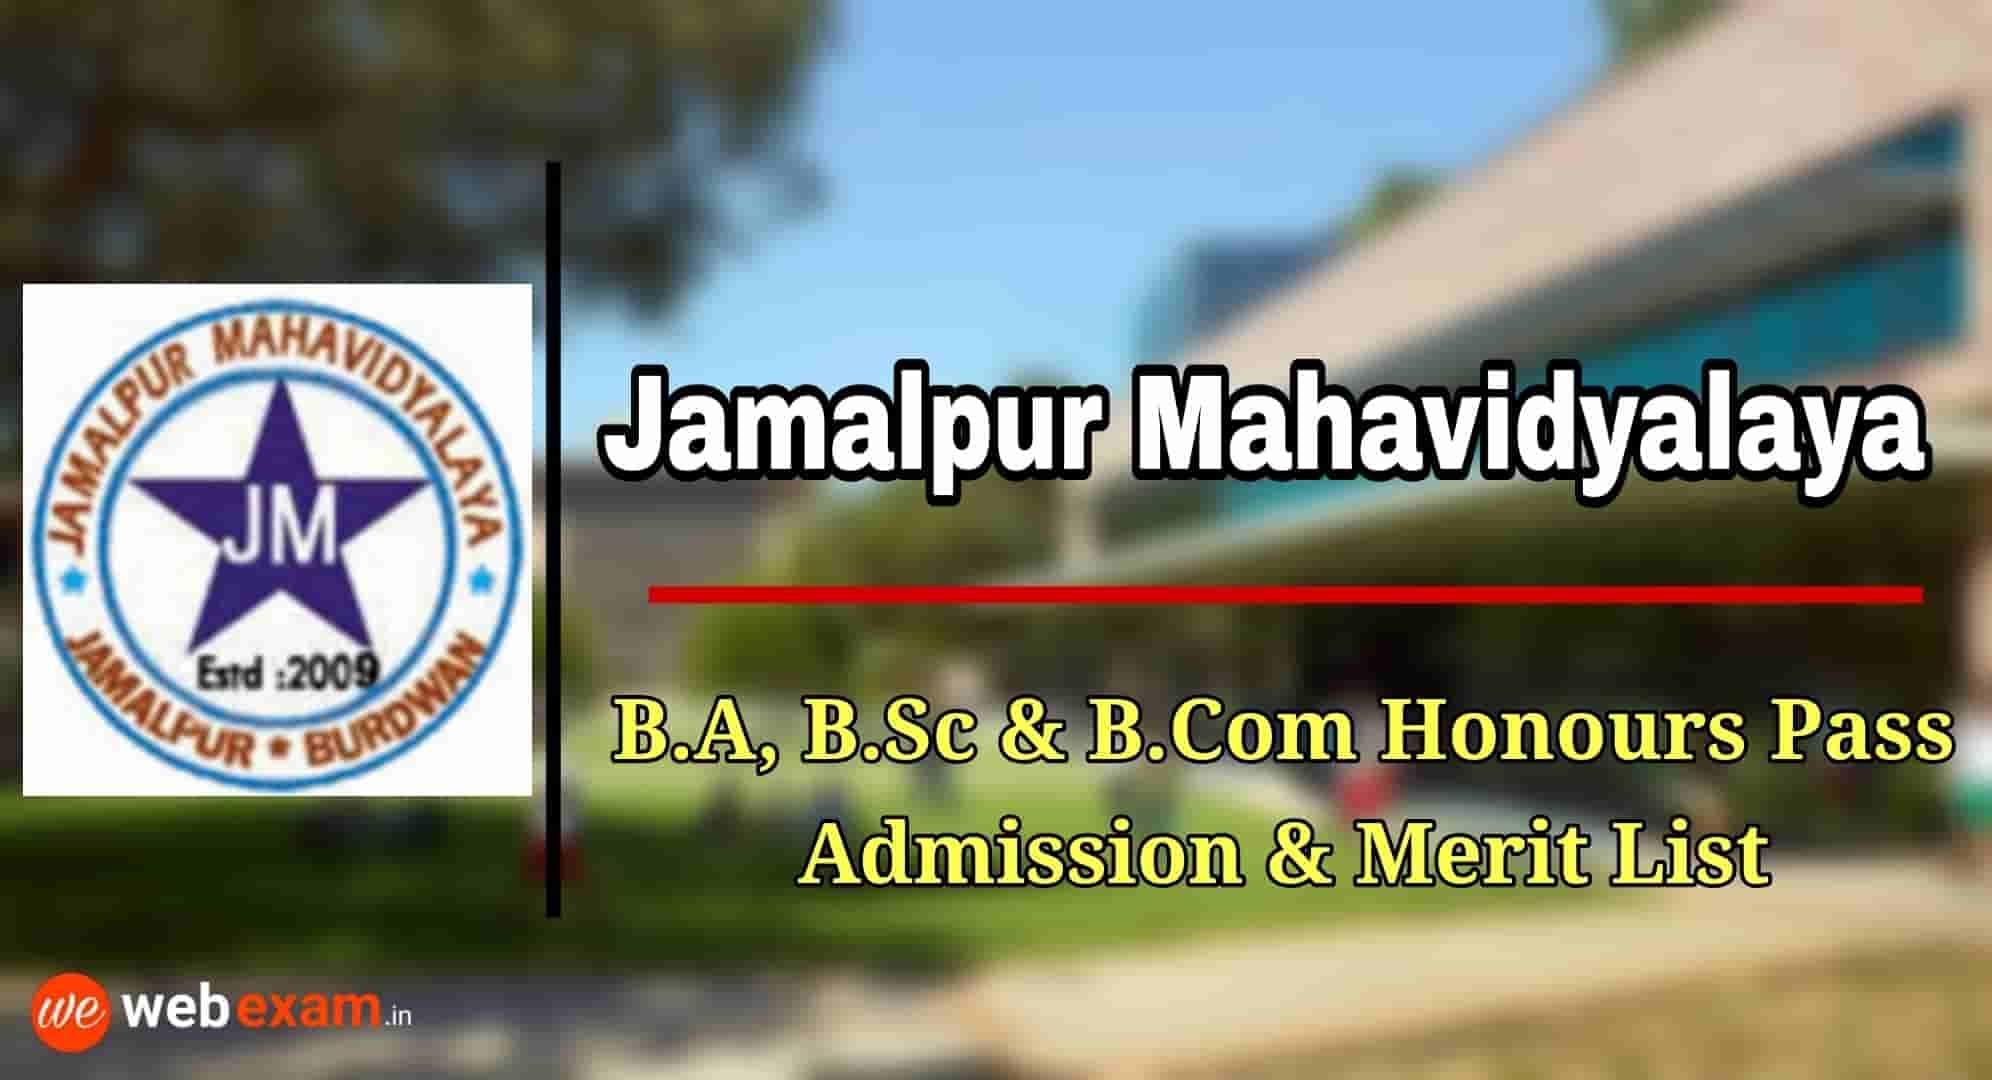 Jamalpur Mahavidyalaya Admission